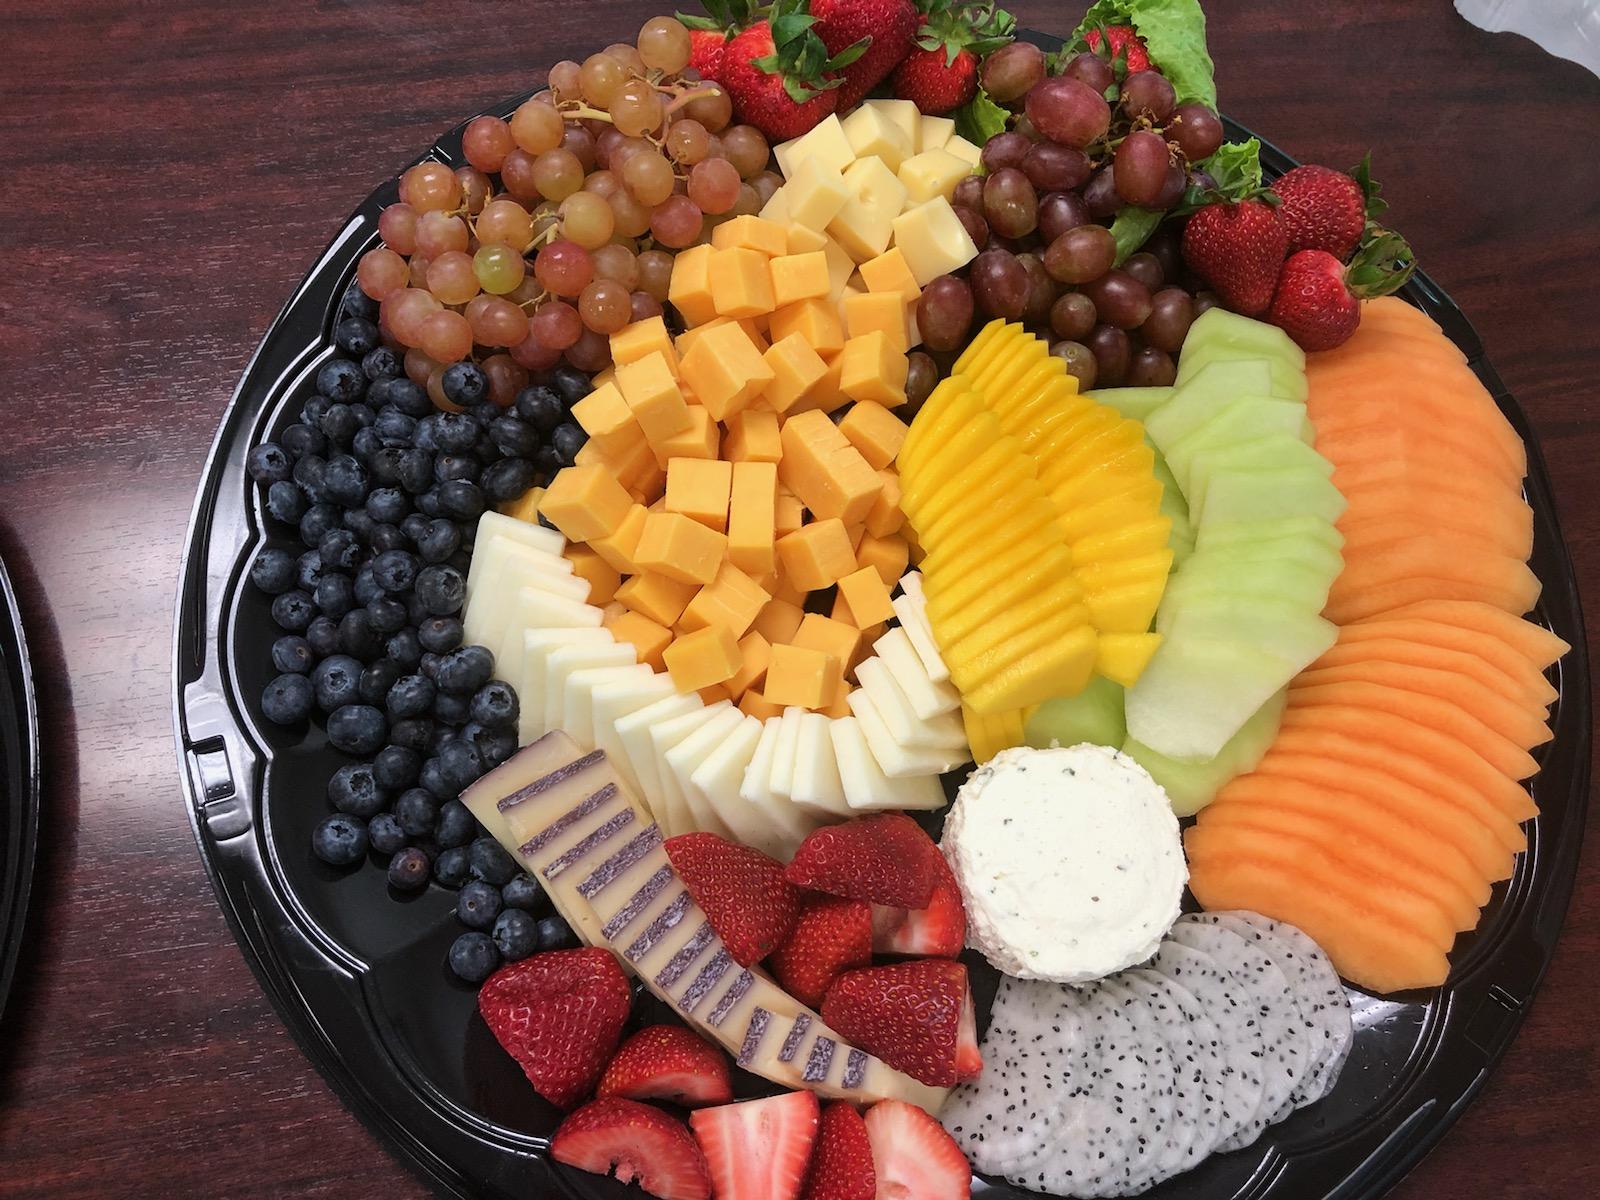 FruitCheese